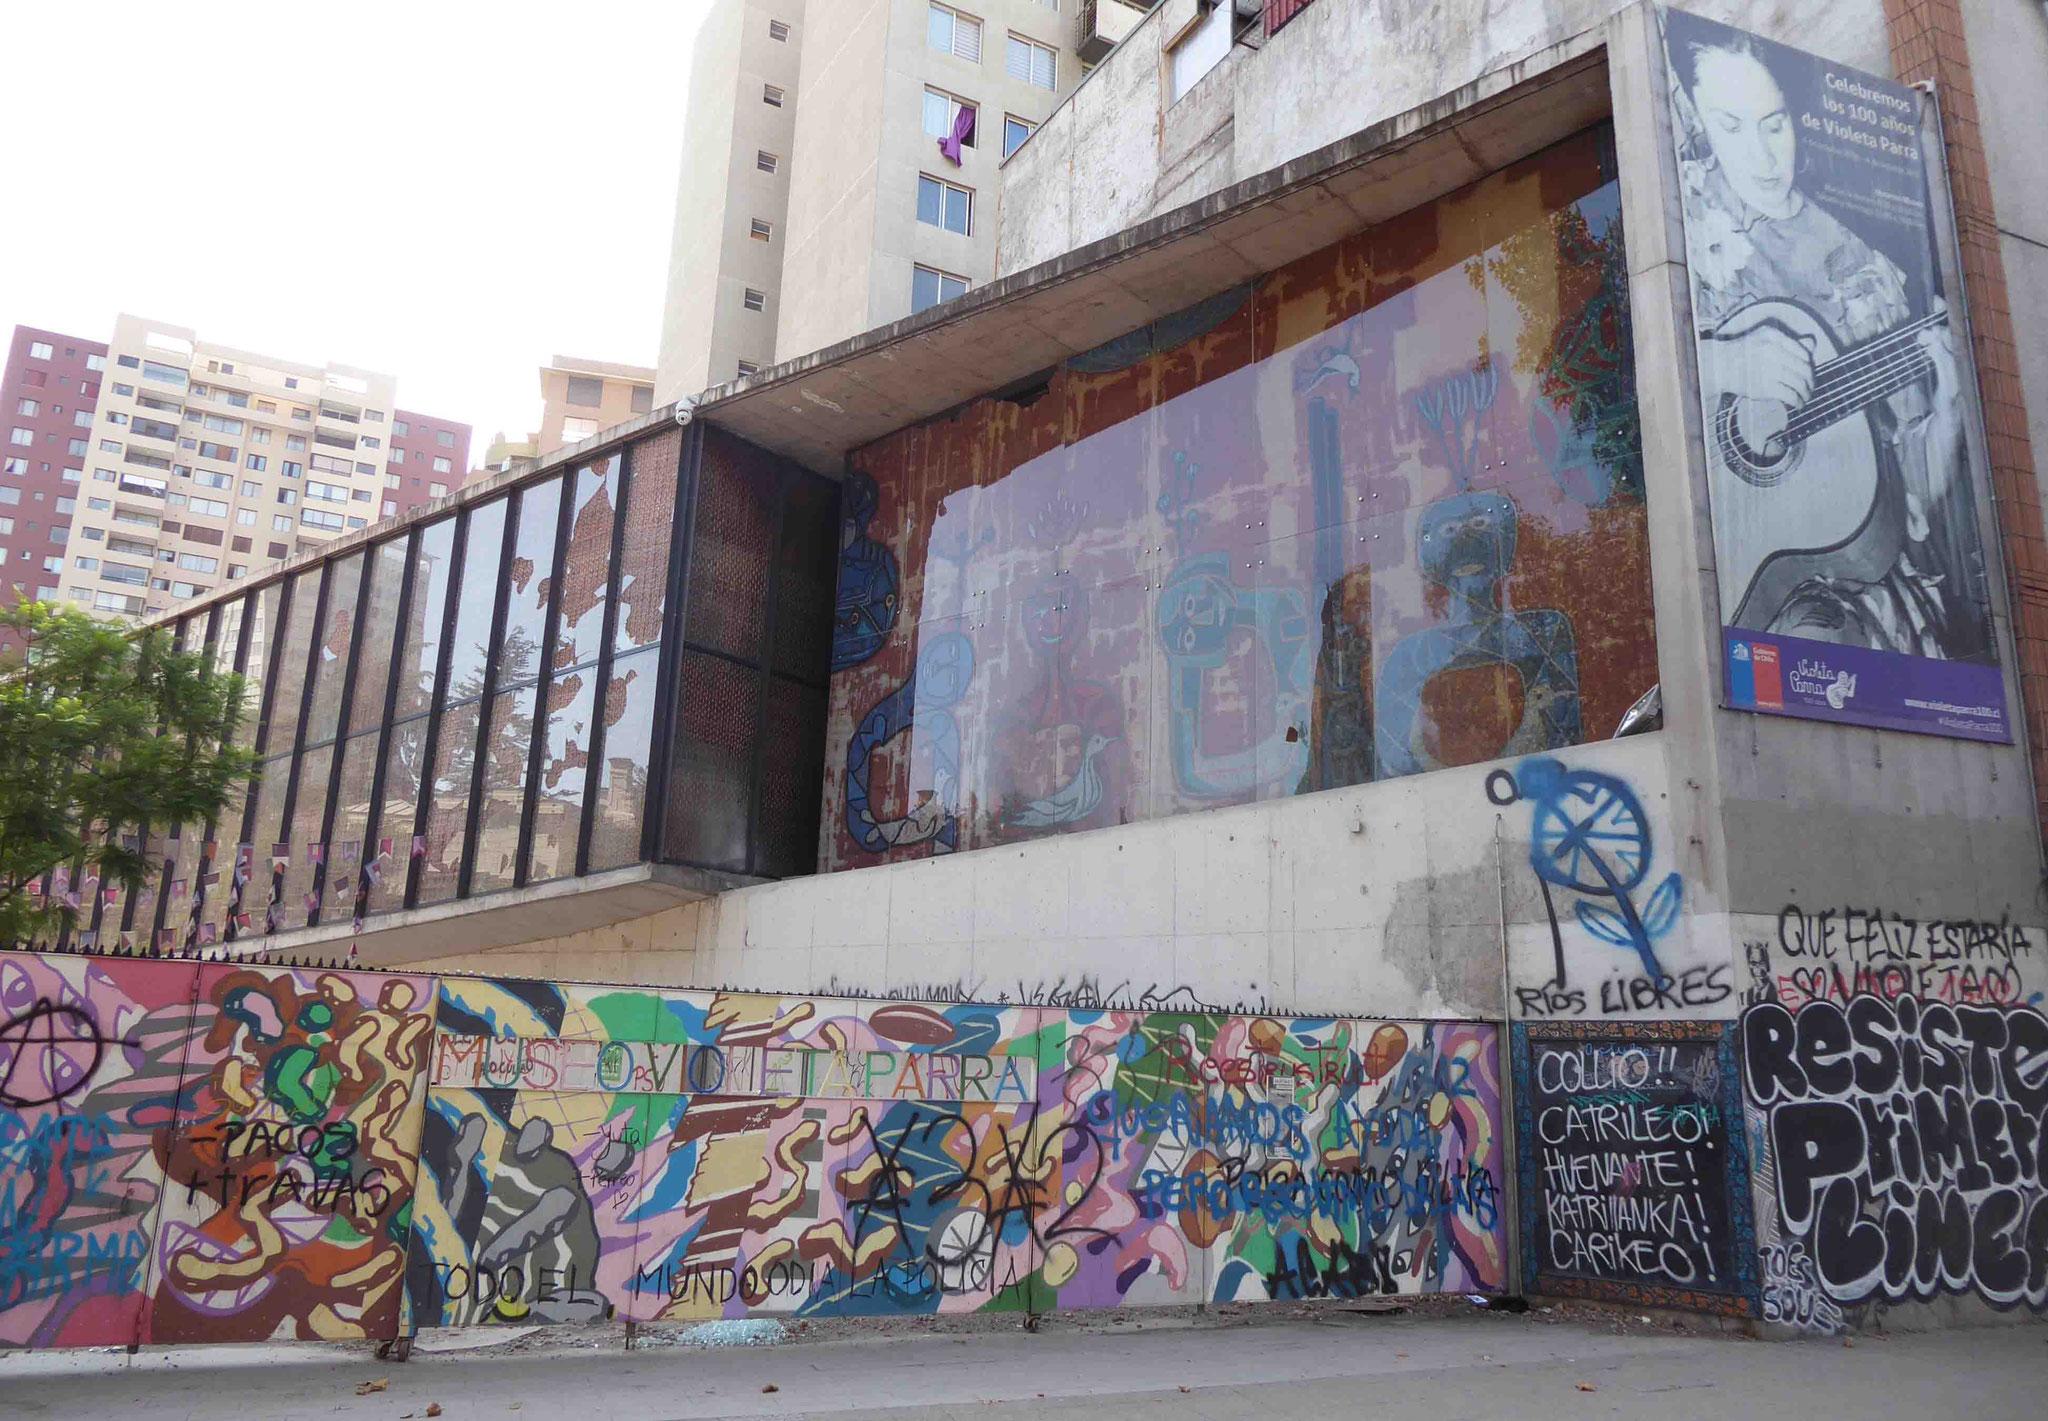 Dégradations du musée dédié à Violeta Parra, très populaire chanteuse chilienne